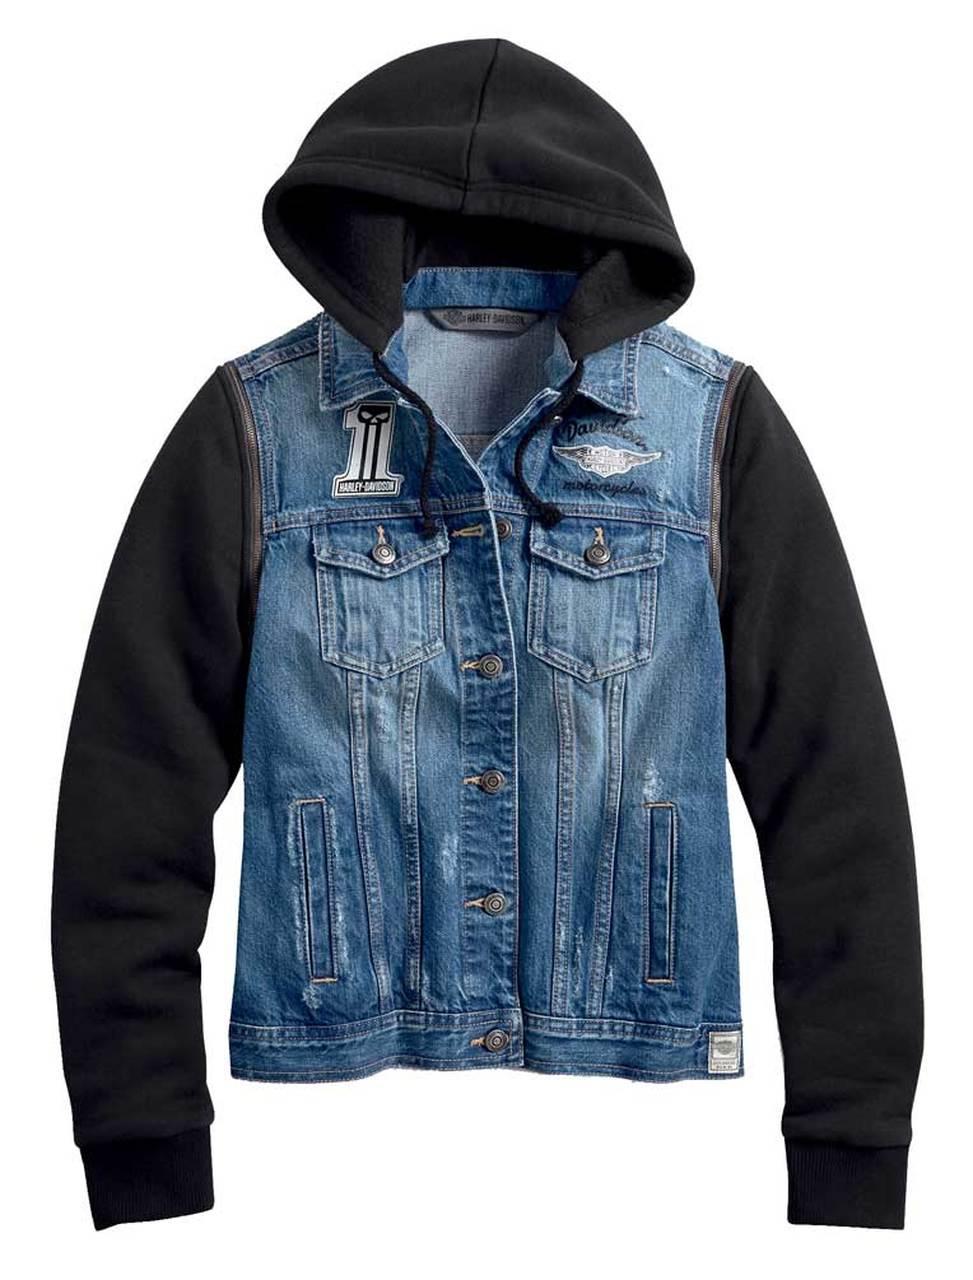 Harley-Davidson® Women's Zip-Off Sleeve Denim Jacket - Indigo Wash